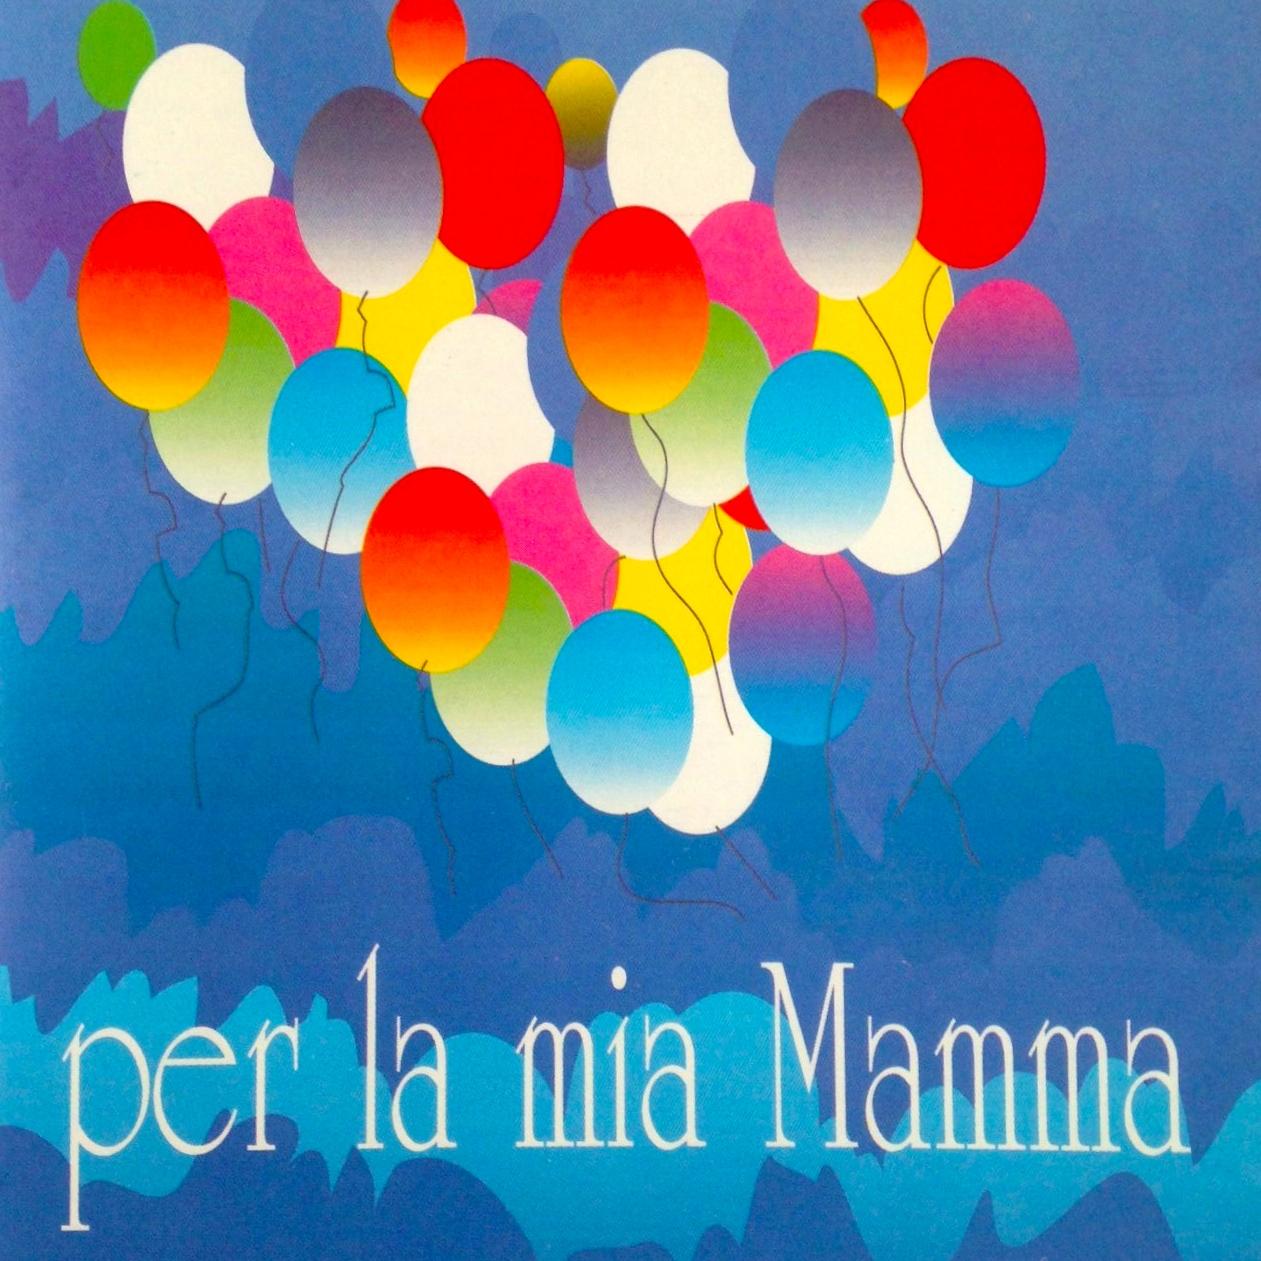 Per la mia mamma